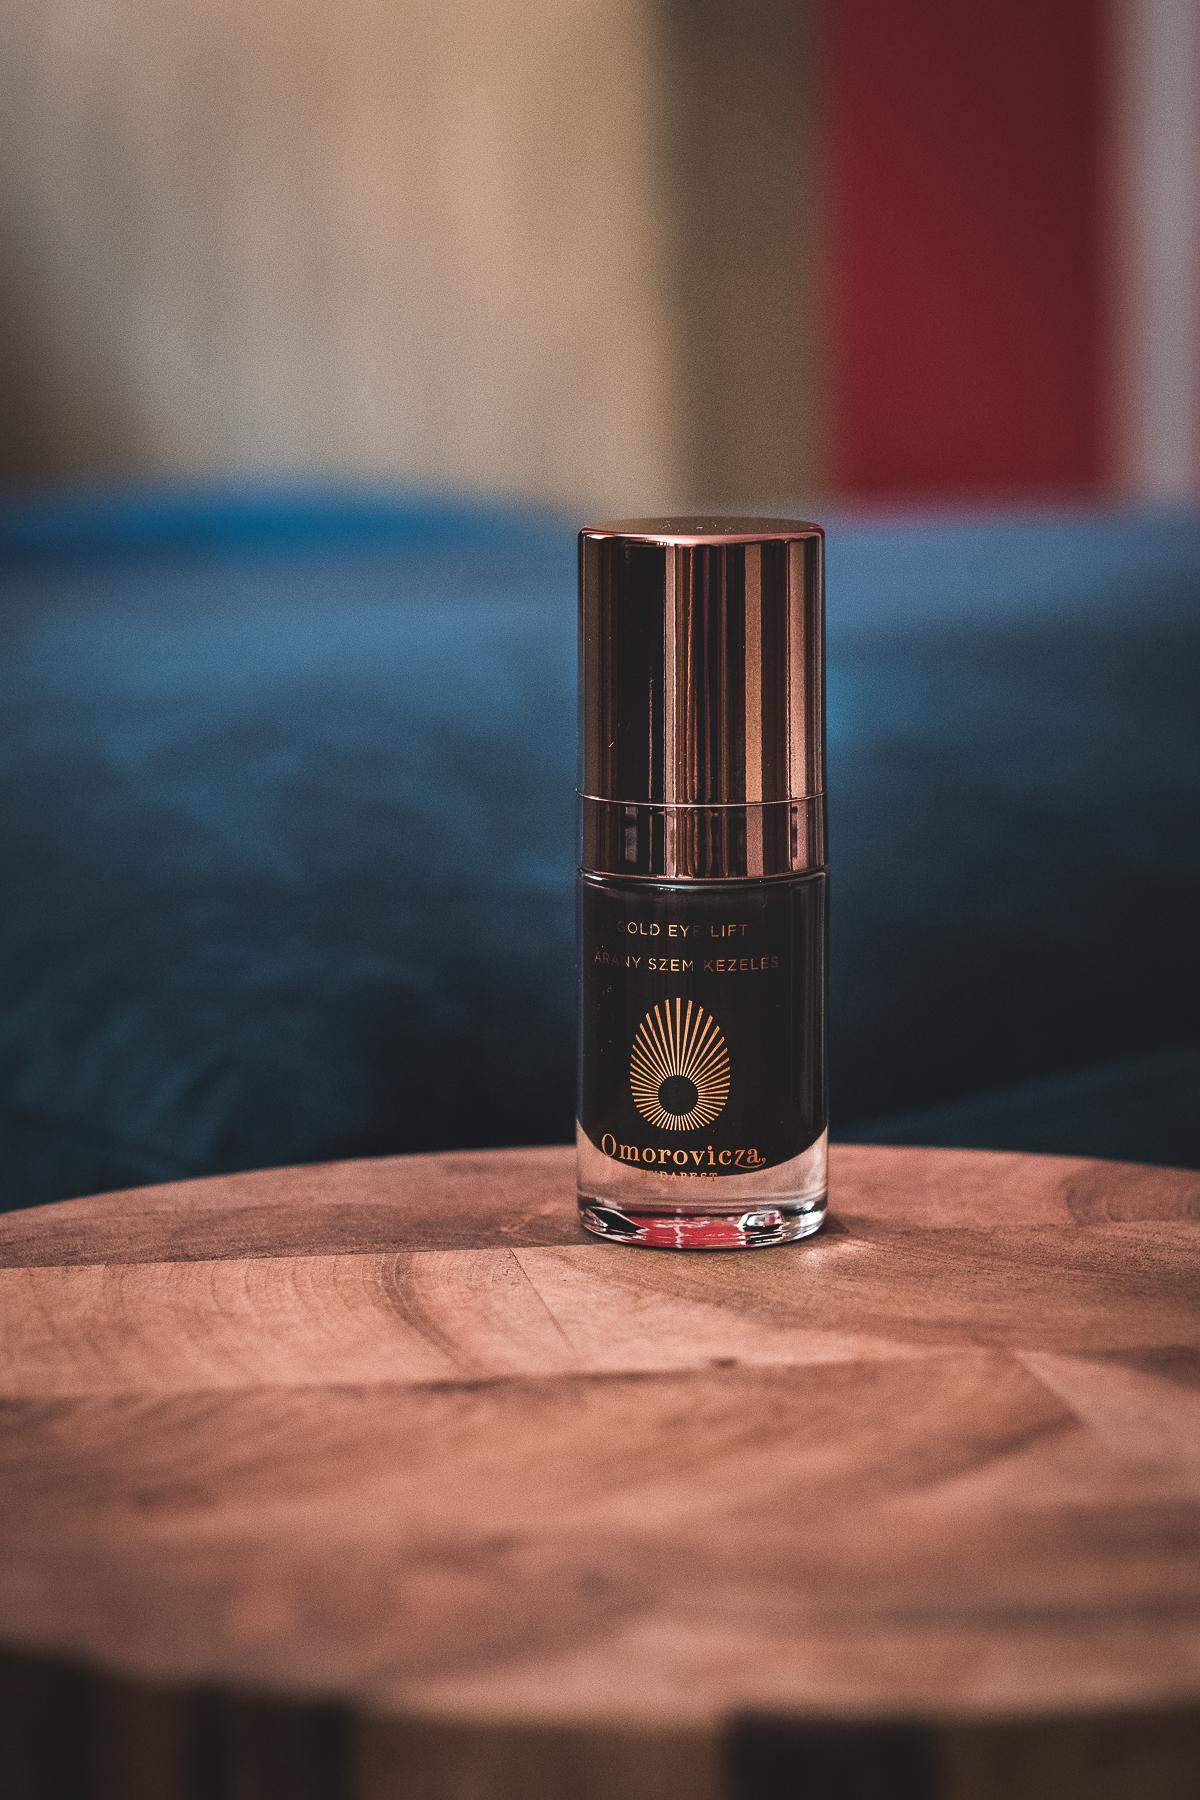 黃金拉提眼霜 - Omorovicza Gold Eye Lift